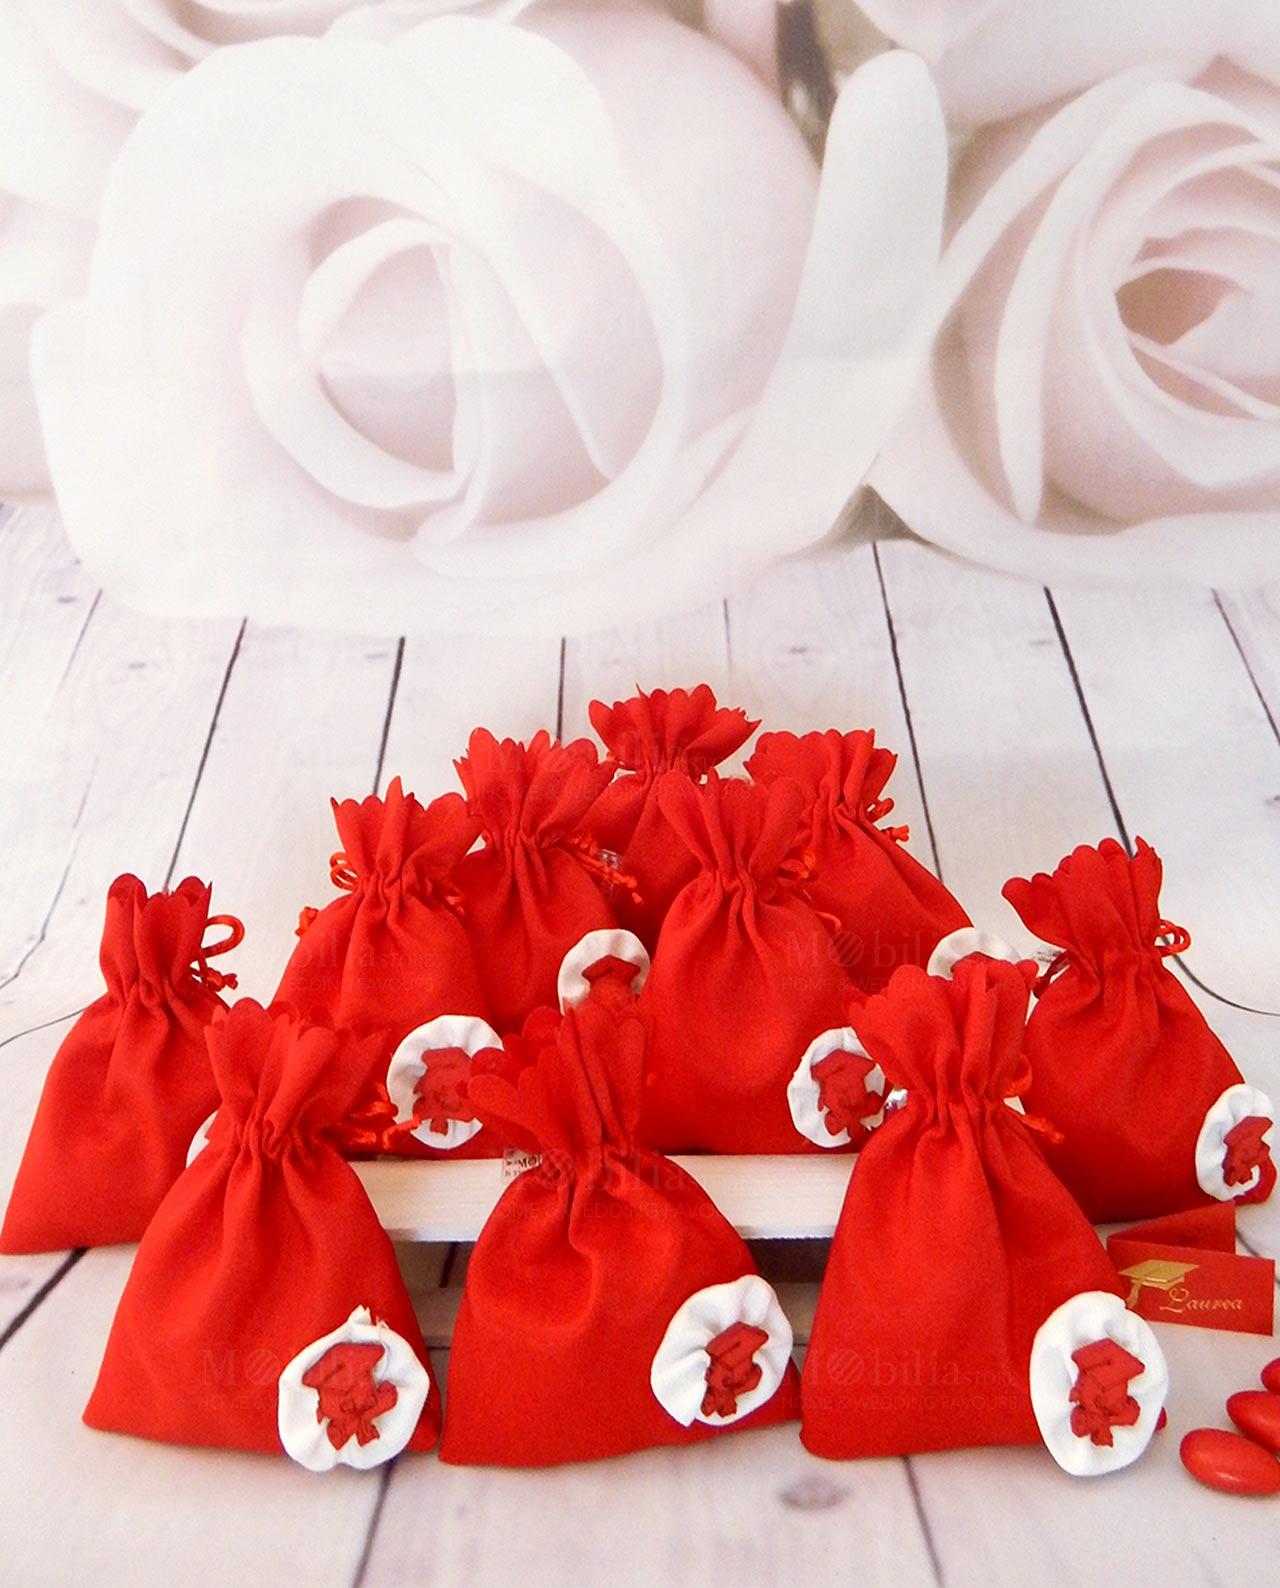 Sacchetto cotone rosso con cappello e pergamena Laurea - Mobilia ... 79472c0874db